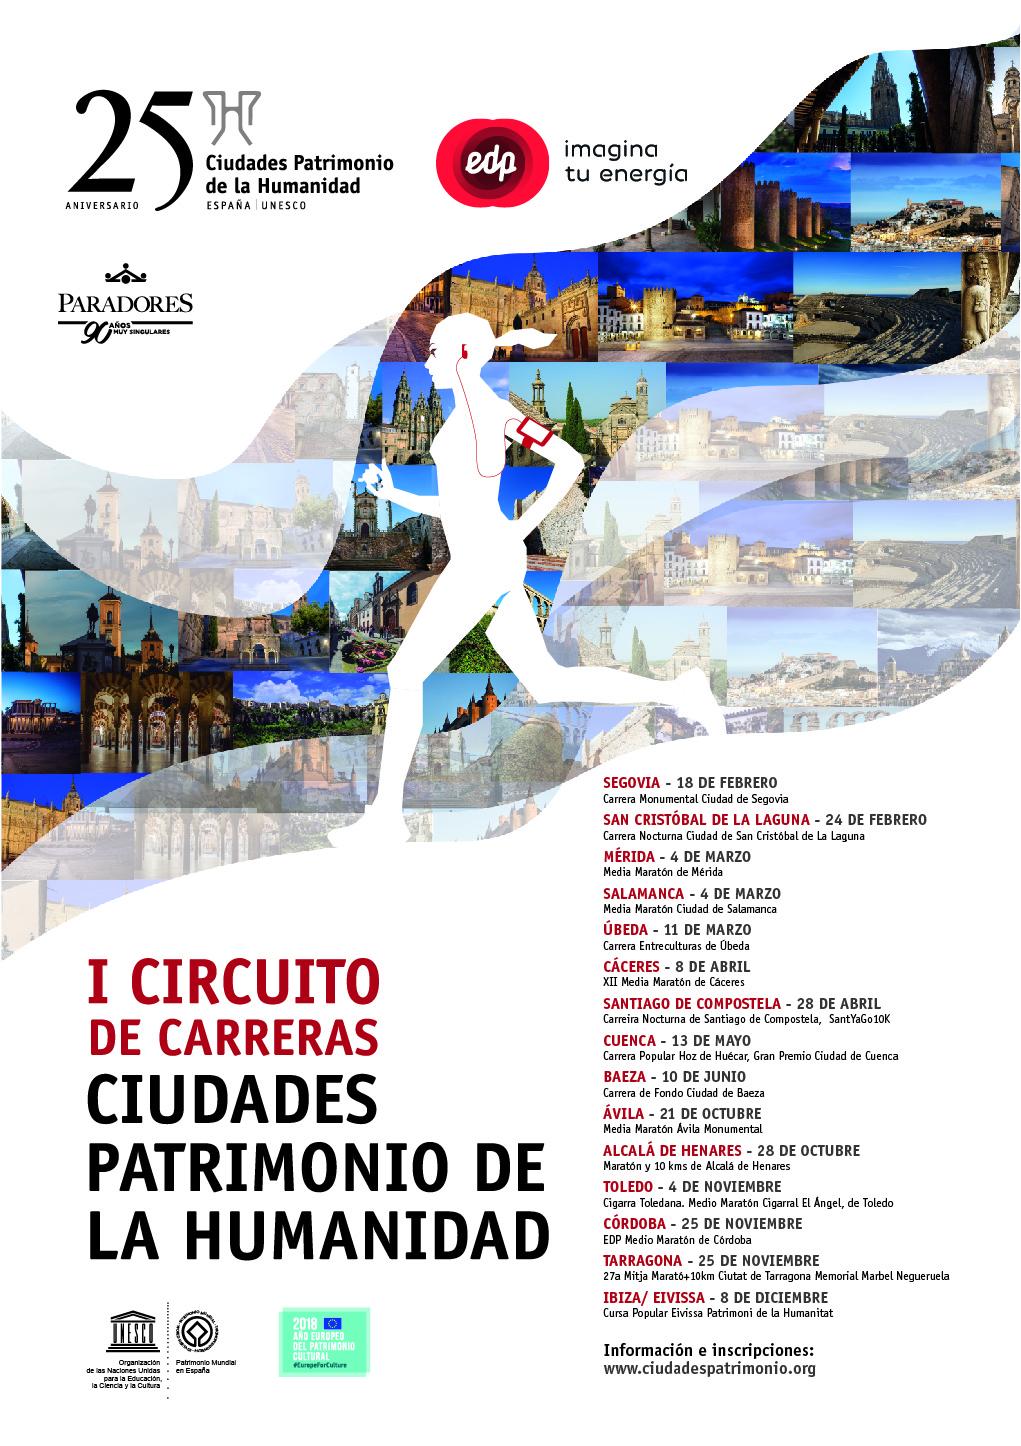 """La Media maratón de Mérida """"Ciudades Patrimonio de la Humanidad"""" se celebrará el 4 de marzo"""